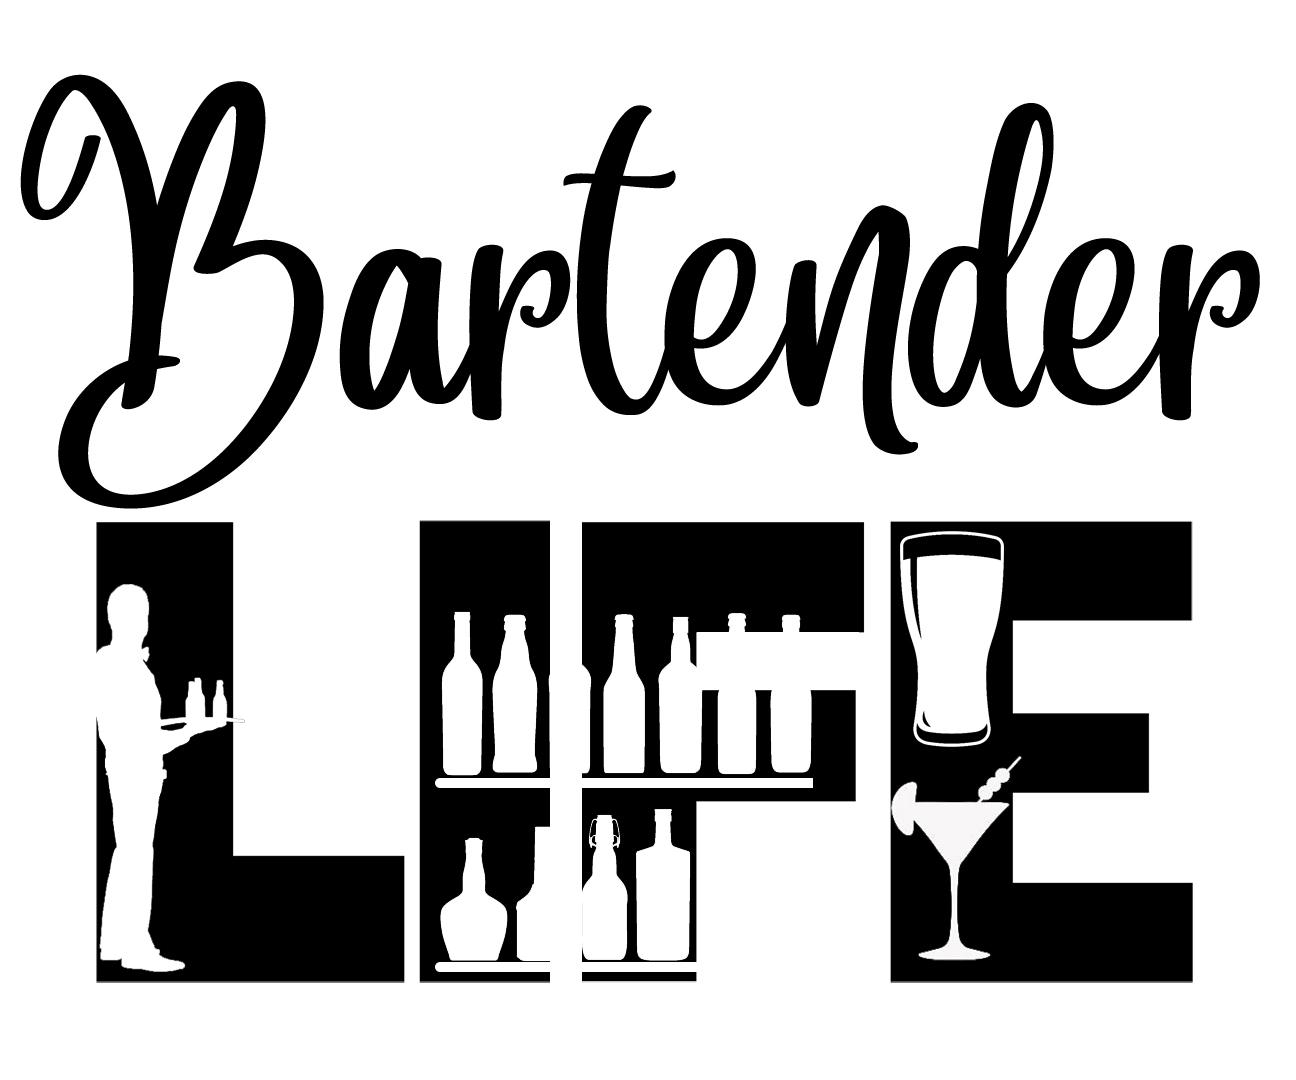 Free Bartender Life SVG File